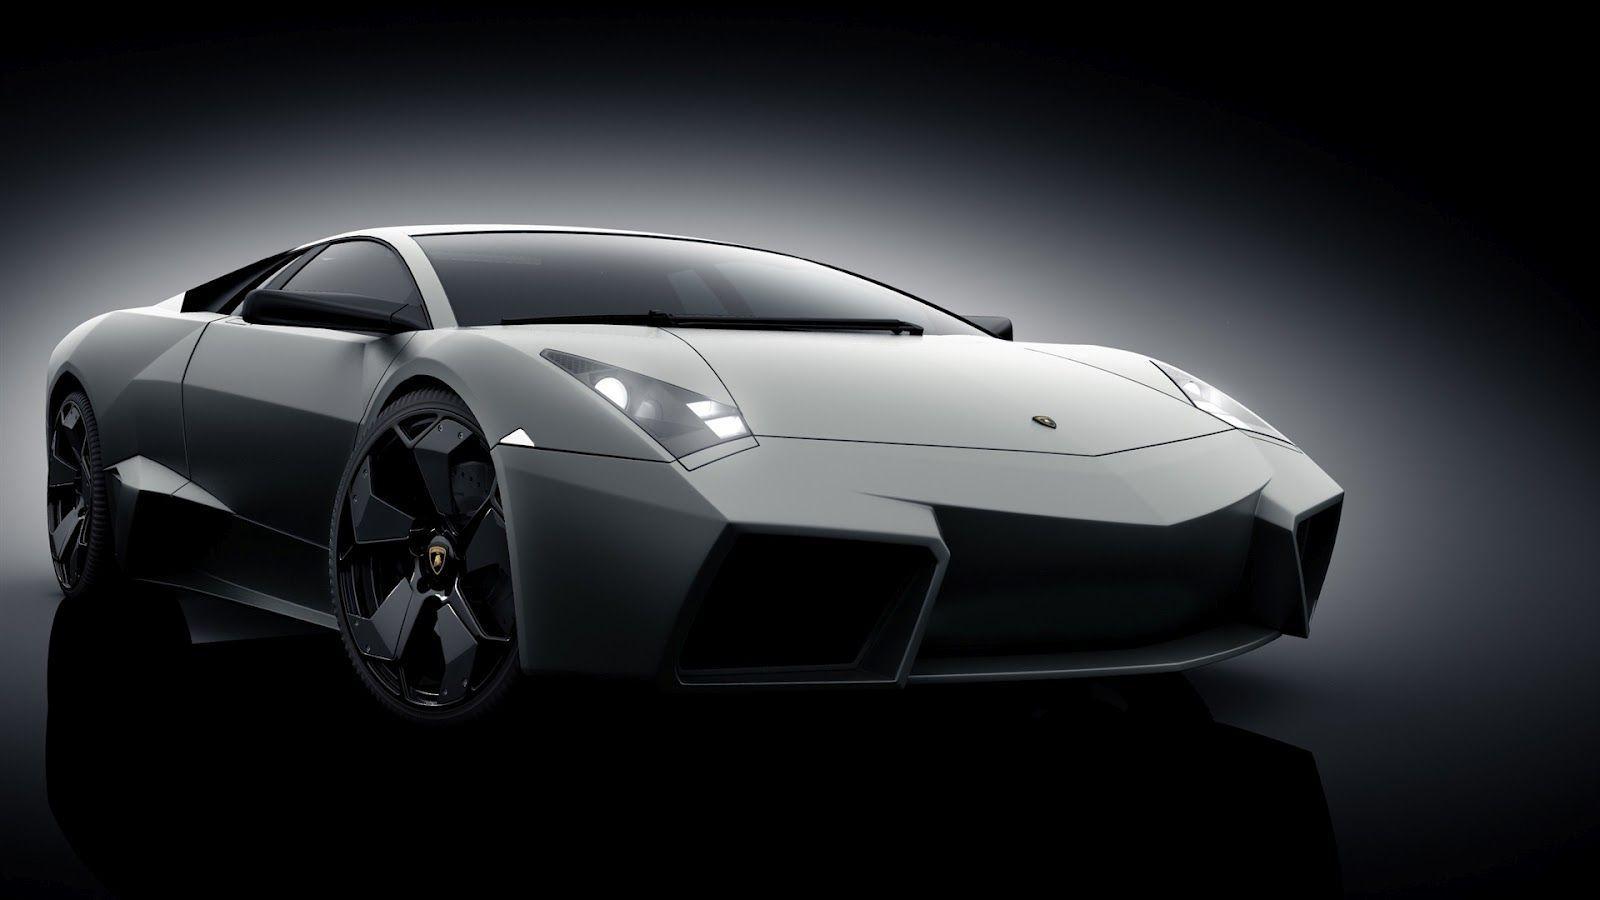 Epic Car Wallpapers: Lamborghini Reventon HD Wallpapers - Wallpaper Cave